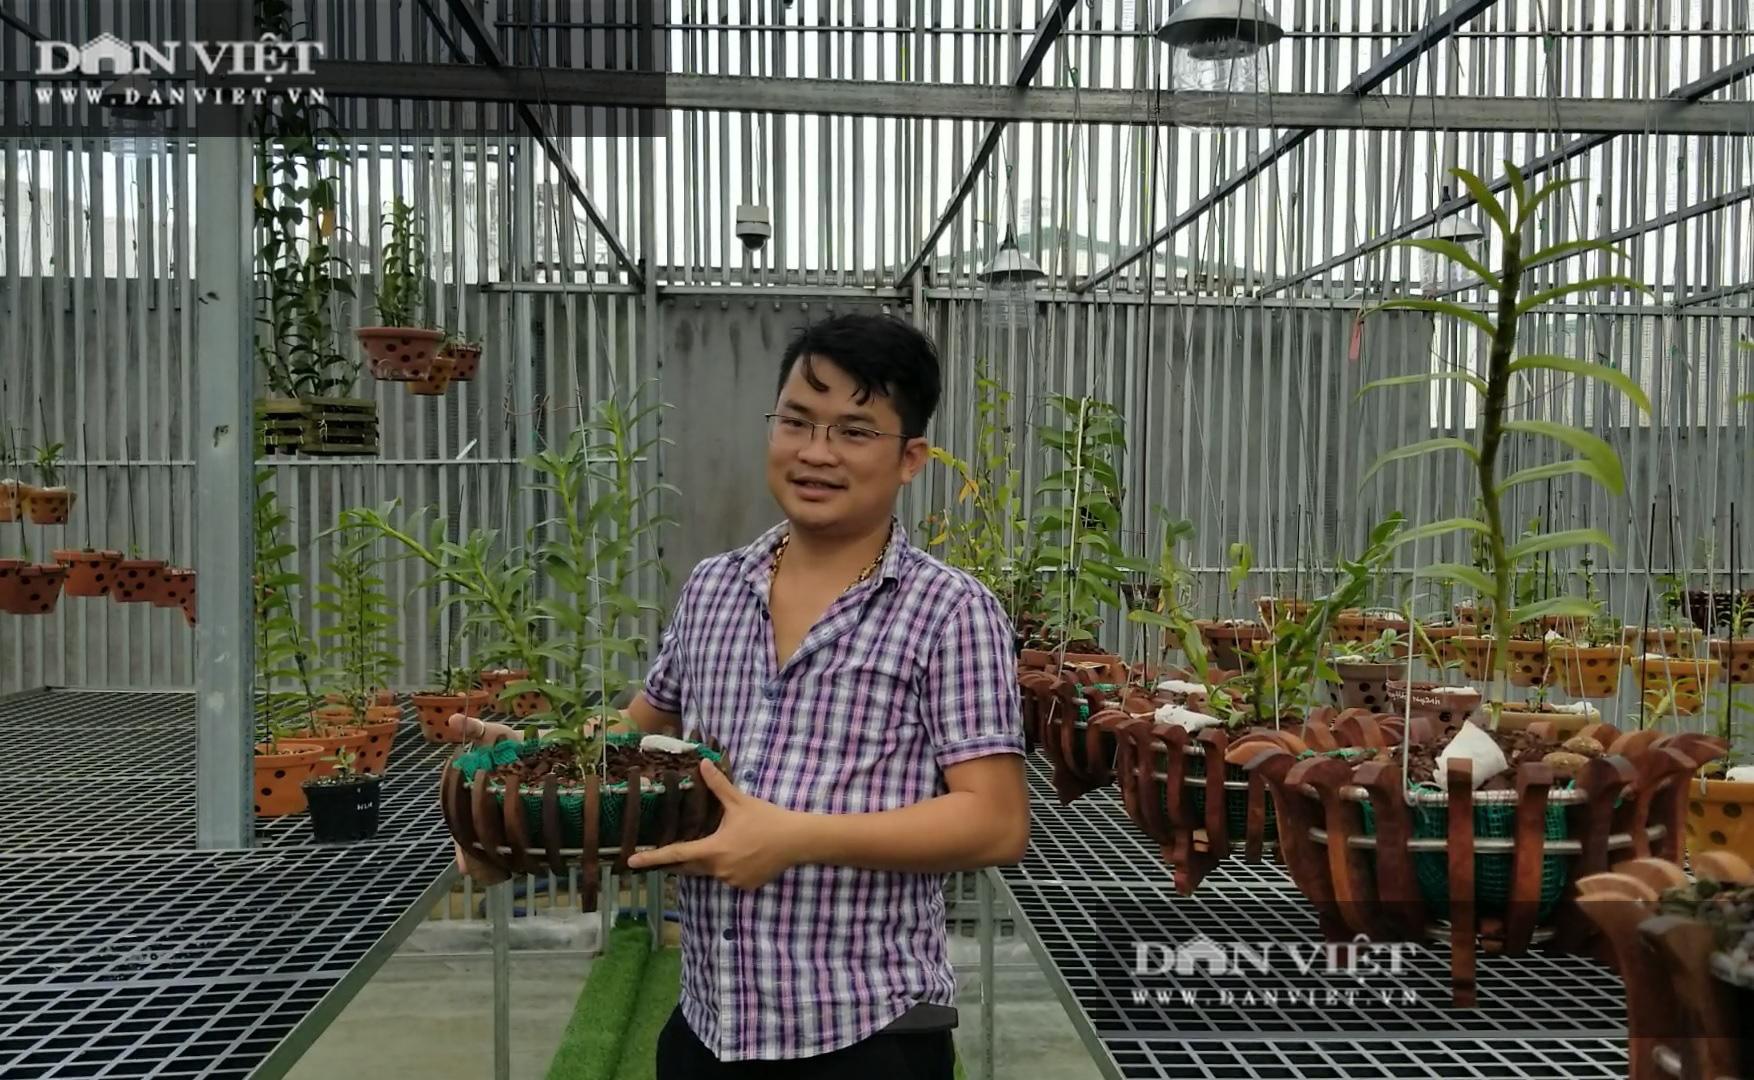 Bỏ chuỗi cửa hàng Viettel lương tháng 50 triệu, 8X về đầu tư giàn phong lan đột biến trị giá 30 tỷ - Ảnh 3.